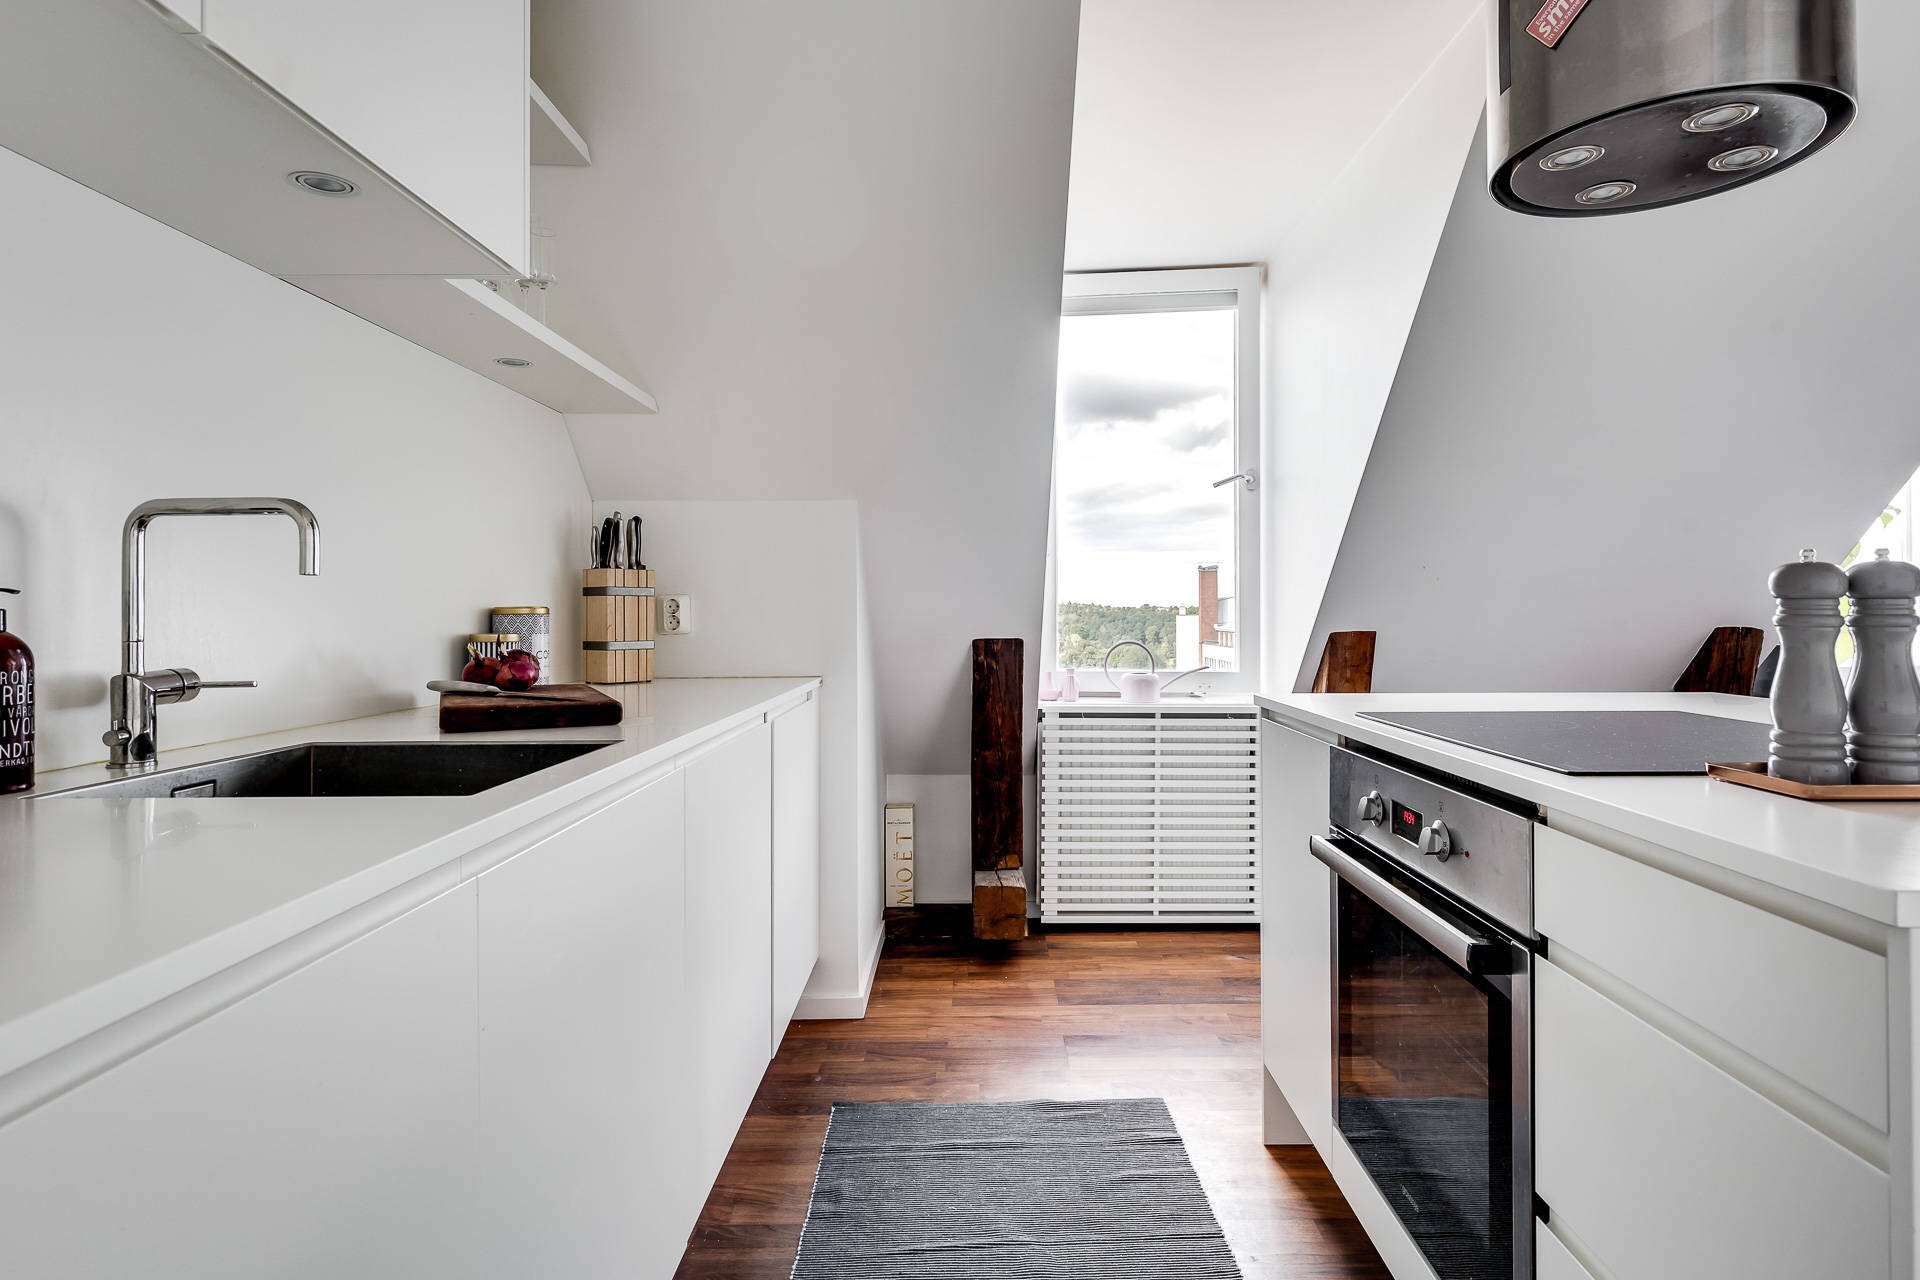 кухонный остров варочная панель вытяжка духовка